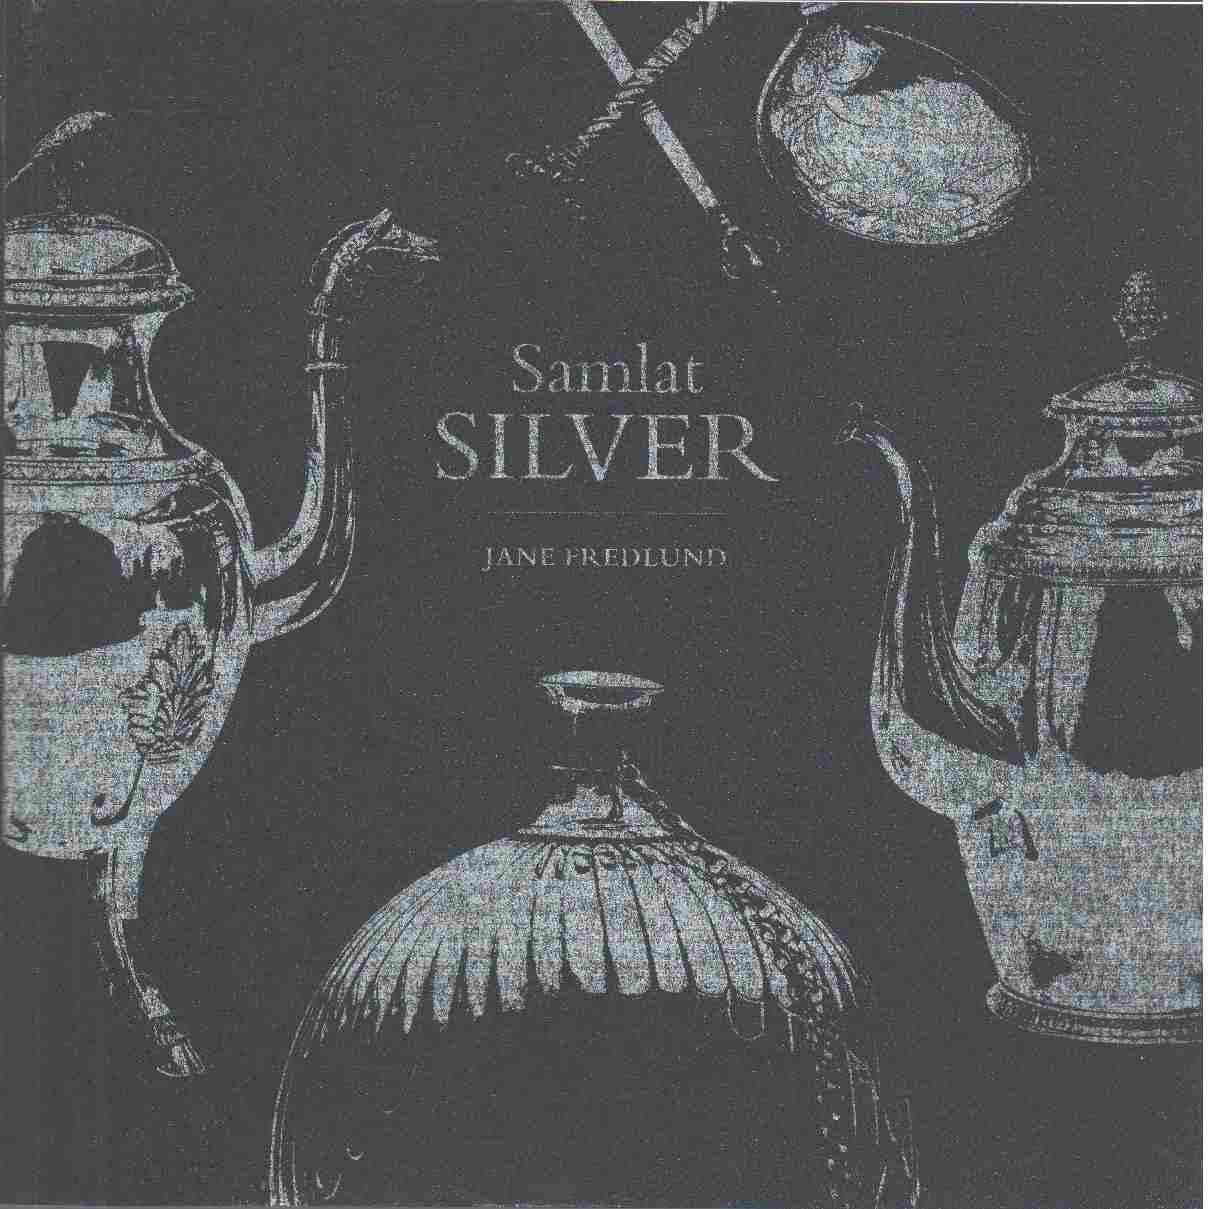 Samlat silver från Gävleborg i länsmuseets samlingar - Fredlund, Jane